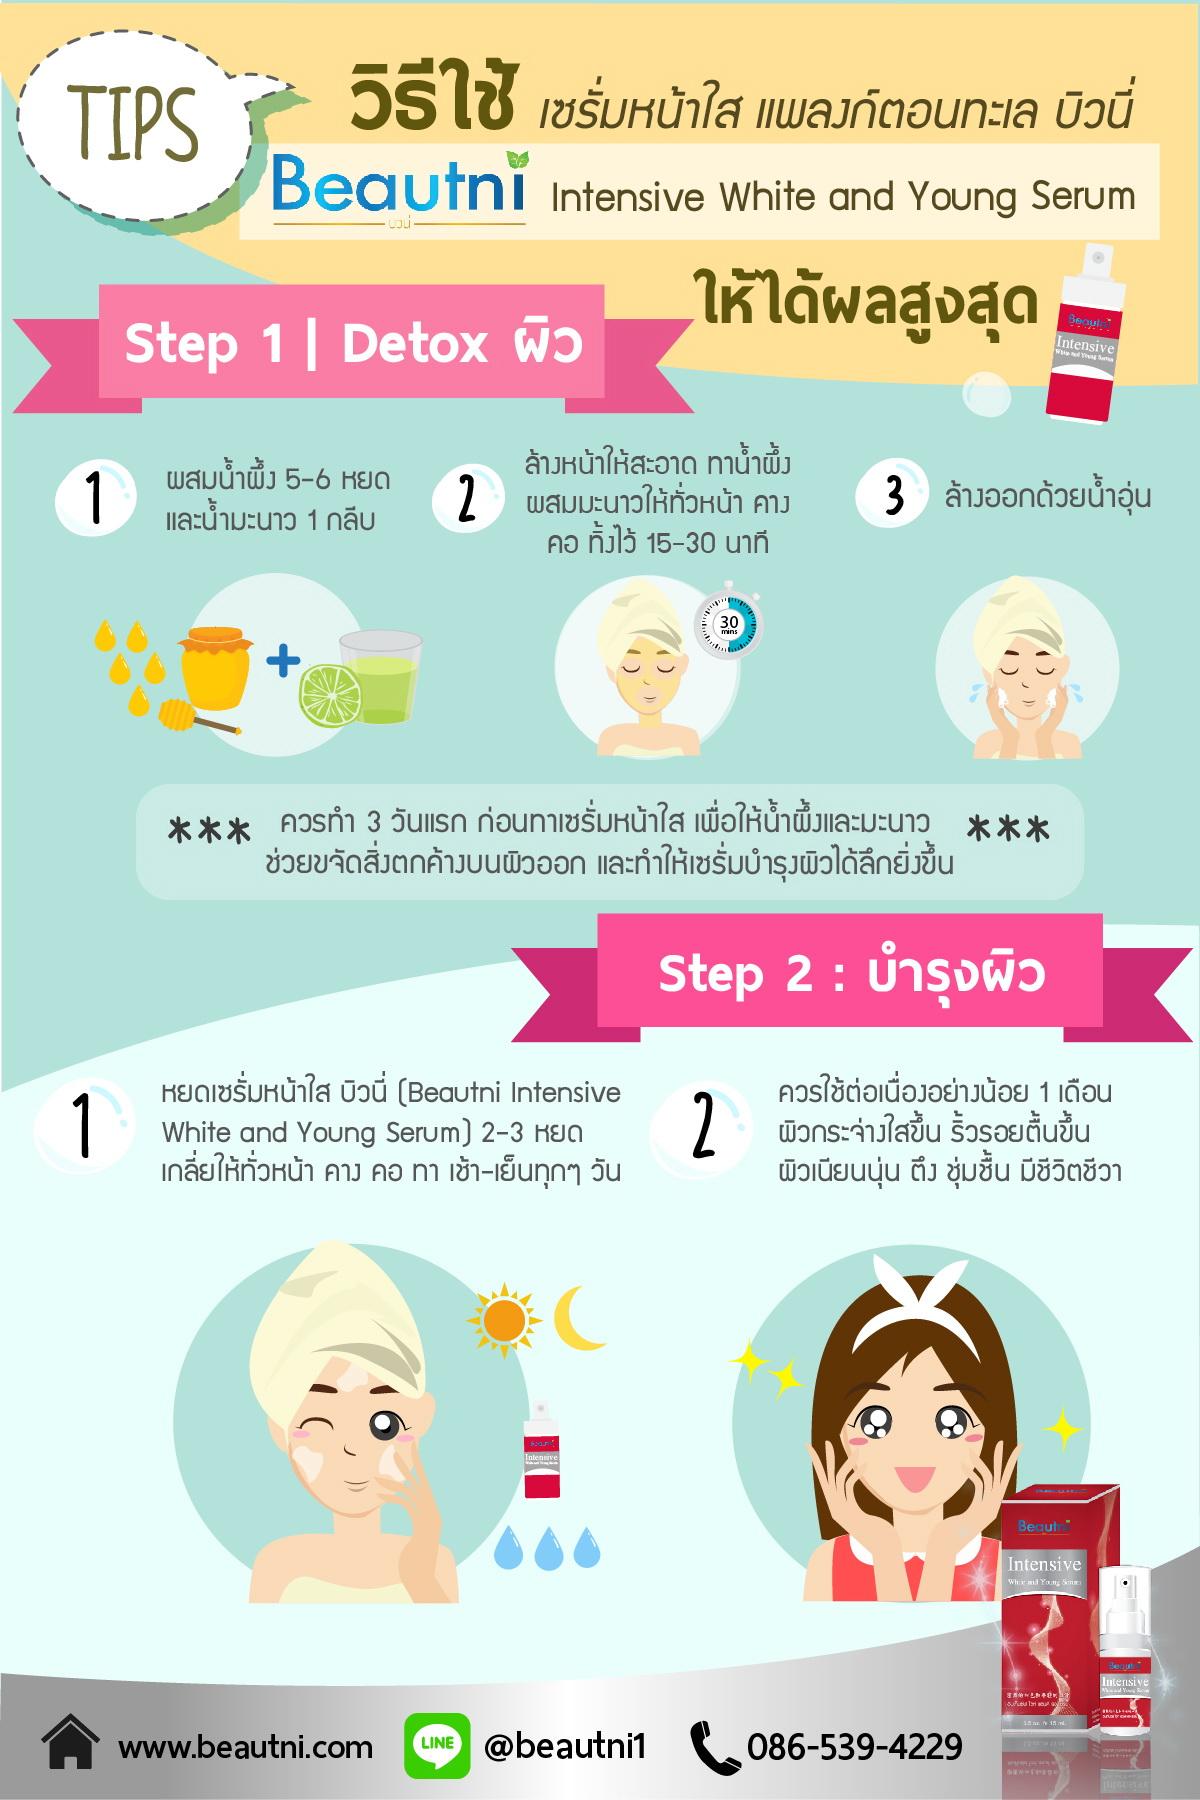 Tips เทคนิกการใช้ เซรั่มหน้าใส แพลงก์ตอนทะเล บิวนี่ ให้เกิดประโยชน์สูงสุด Intensive White and Young Serum 1. Detox ผิว ผสมน้ำผึ้ง 5-6 หยด+น้ำมะนาว 1กลีบ ล้างหน้าให้สะอาด ทาน้ำผึ้งผสมมะนาวให้ทั่วหน้า คางคอ ทิ้งไว้ 15-30 นาที ล้างออกด้วยน้ำอุ่น (ควรทำ 3 วันแรก ก่อนทาเซรั่มหน้าใส เพื่อให้น้ำผึ้งและมะนาวช่วยขจัดสิ่งตกค้างบนผิวออก และทำให้เซรั่มบำรุงผิวได้ลึกยิ่งขึ้น) 2. บำรุงผิว หยดเซรั่มหน้าใส บิวนี่ (Beautni Intensive White and Young Serum) 2-3หยด เกลี่ยให้ทั่วหน้า คาง คอ ทา เช้า-เย็นทุกๆวัน ควรใช้ต่อเนื่องอย่างน้อย 1 เดือน ผิวกระจ่างใสขึ้น ริ้วรอยตื้นขึ้น ผิวเนียนนุ่น ตึง ชุ่มชื้น มีชีวิตชีวา